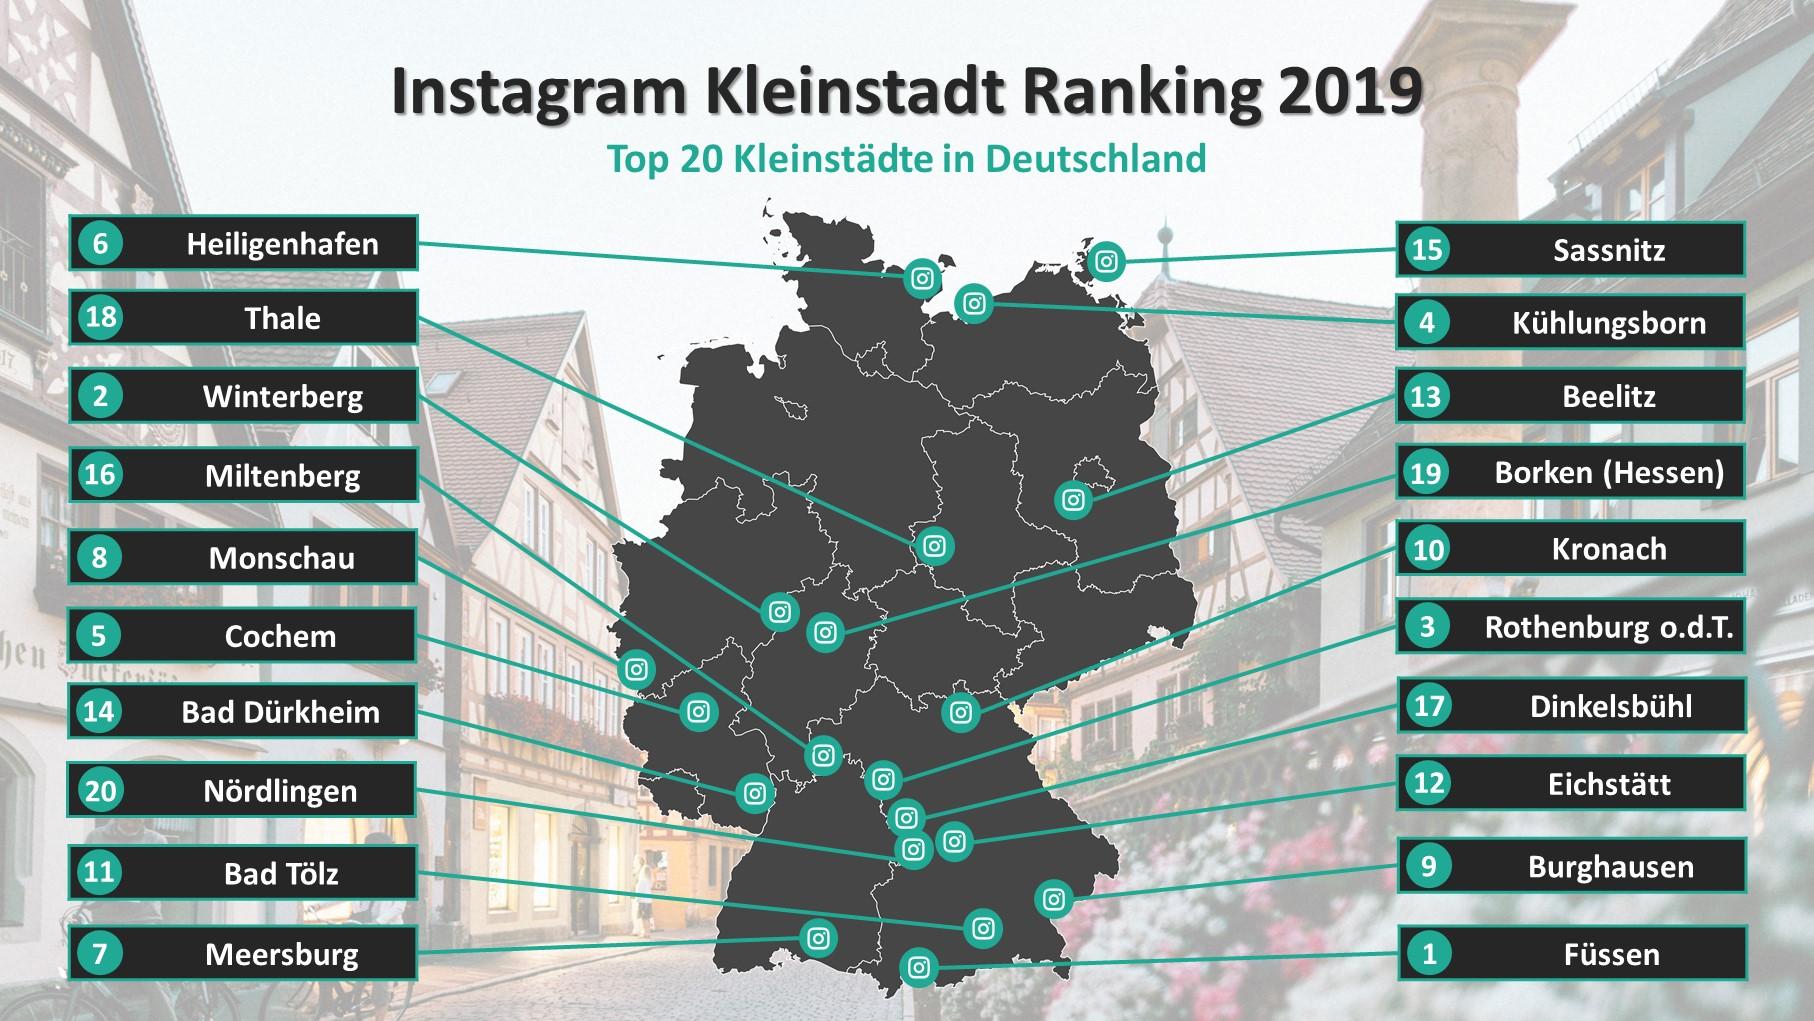 Rothenburg o.d.T. und Dinkelsbühl sind unter den 20 schönsten Kleinstädten Deutschlands. Grafik: travelcircus